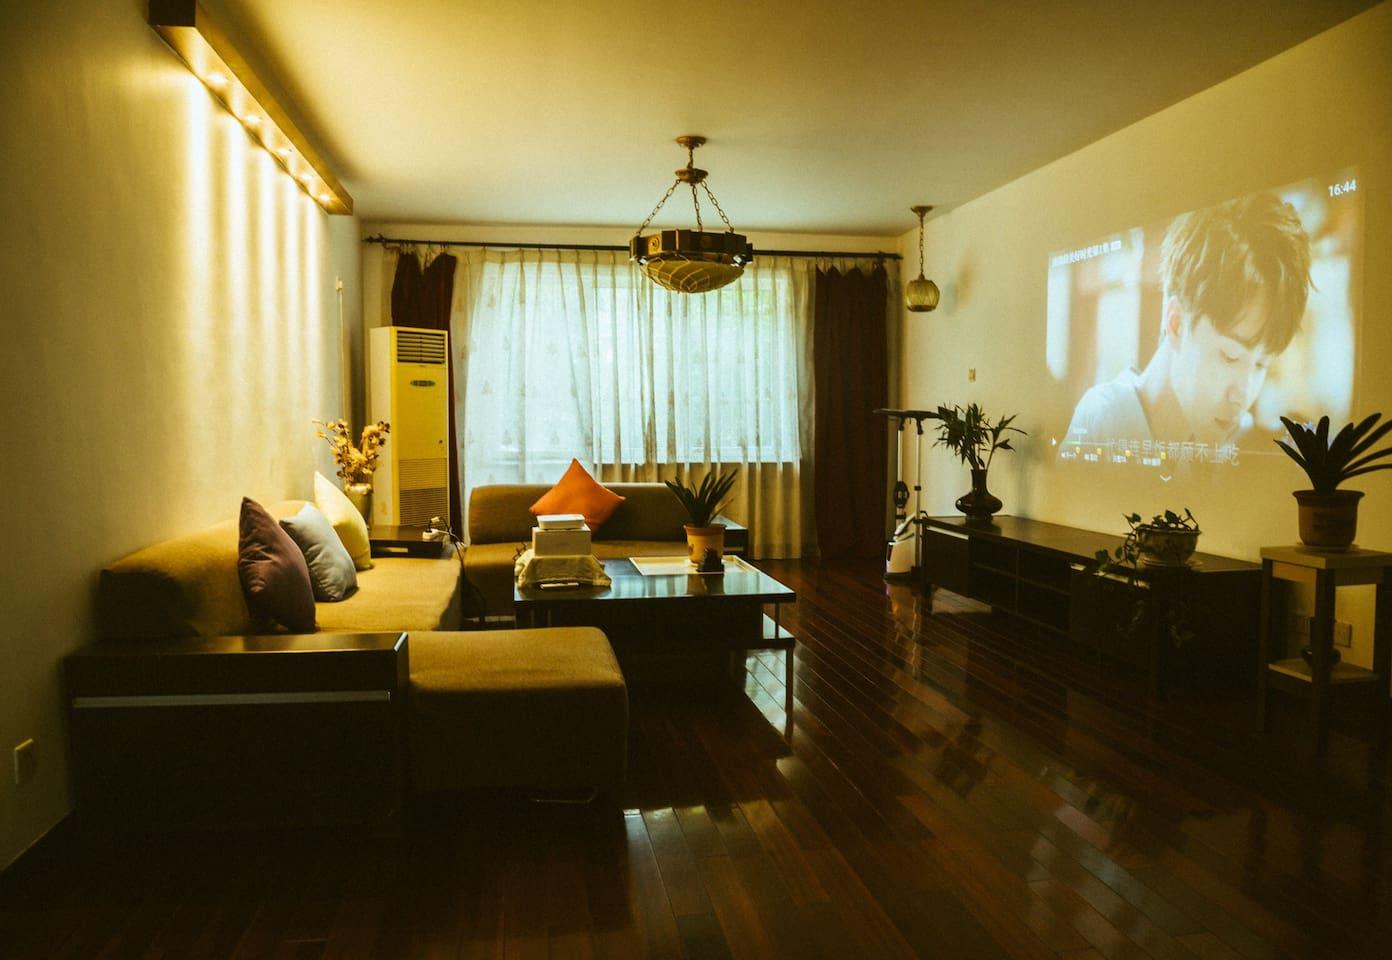 客厅 宽敞舒适 大沙发可坐6人以上 百寸投影私人影院